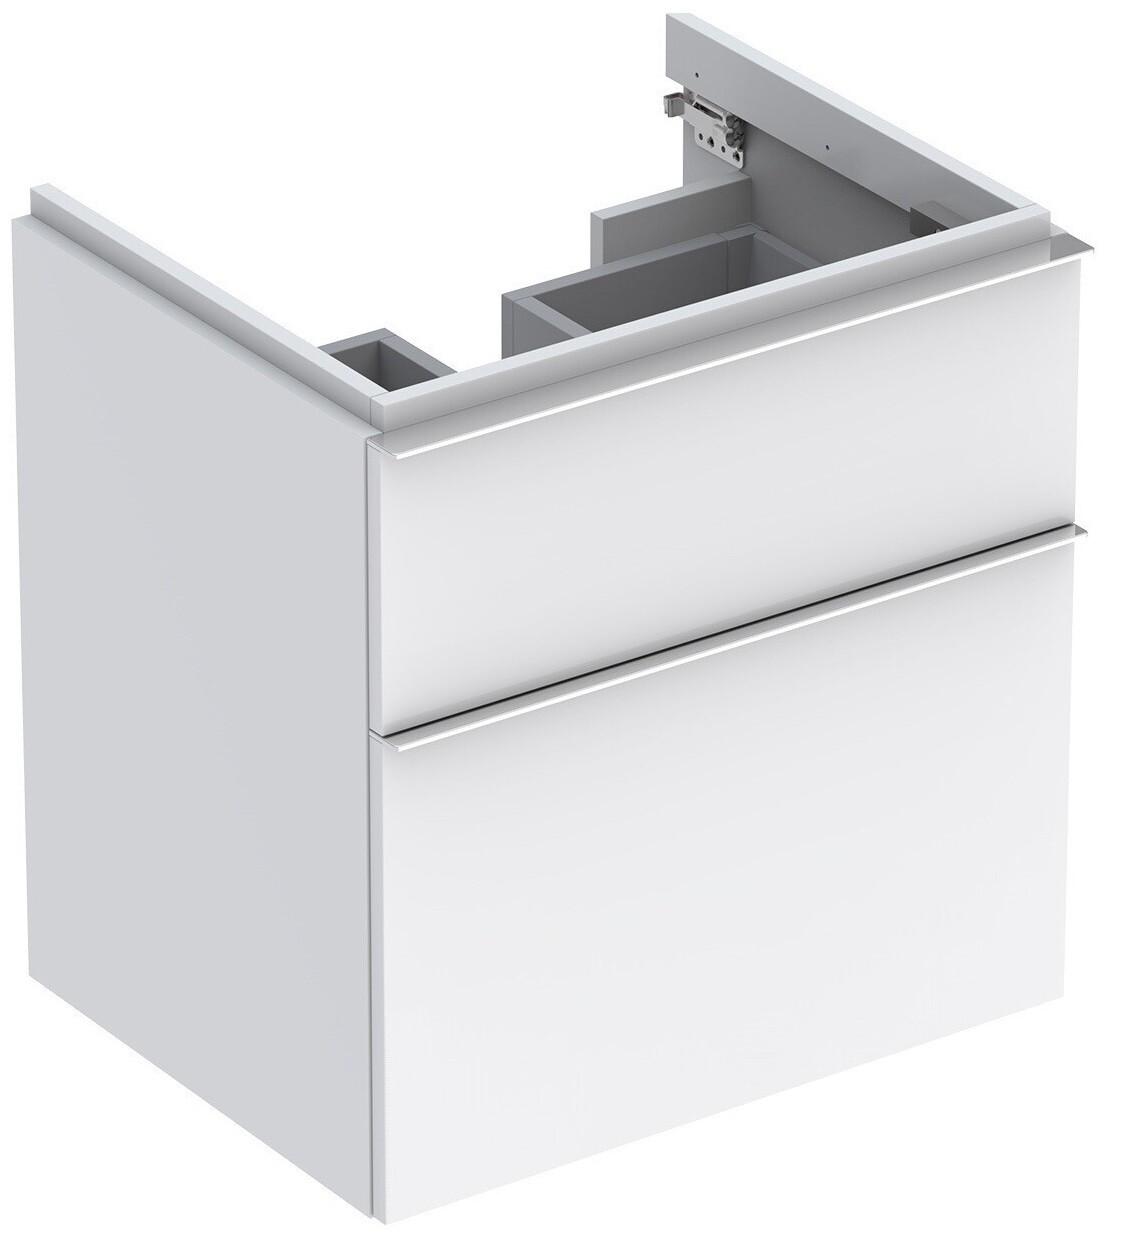 Meuble bas pour lavabo Geberit iCon 75 cm avec deux tiroirs Blanc laqué ultra-brillant